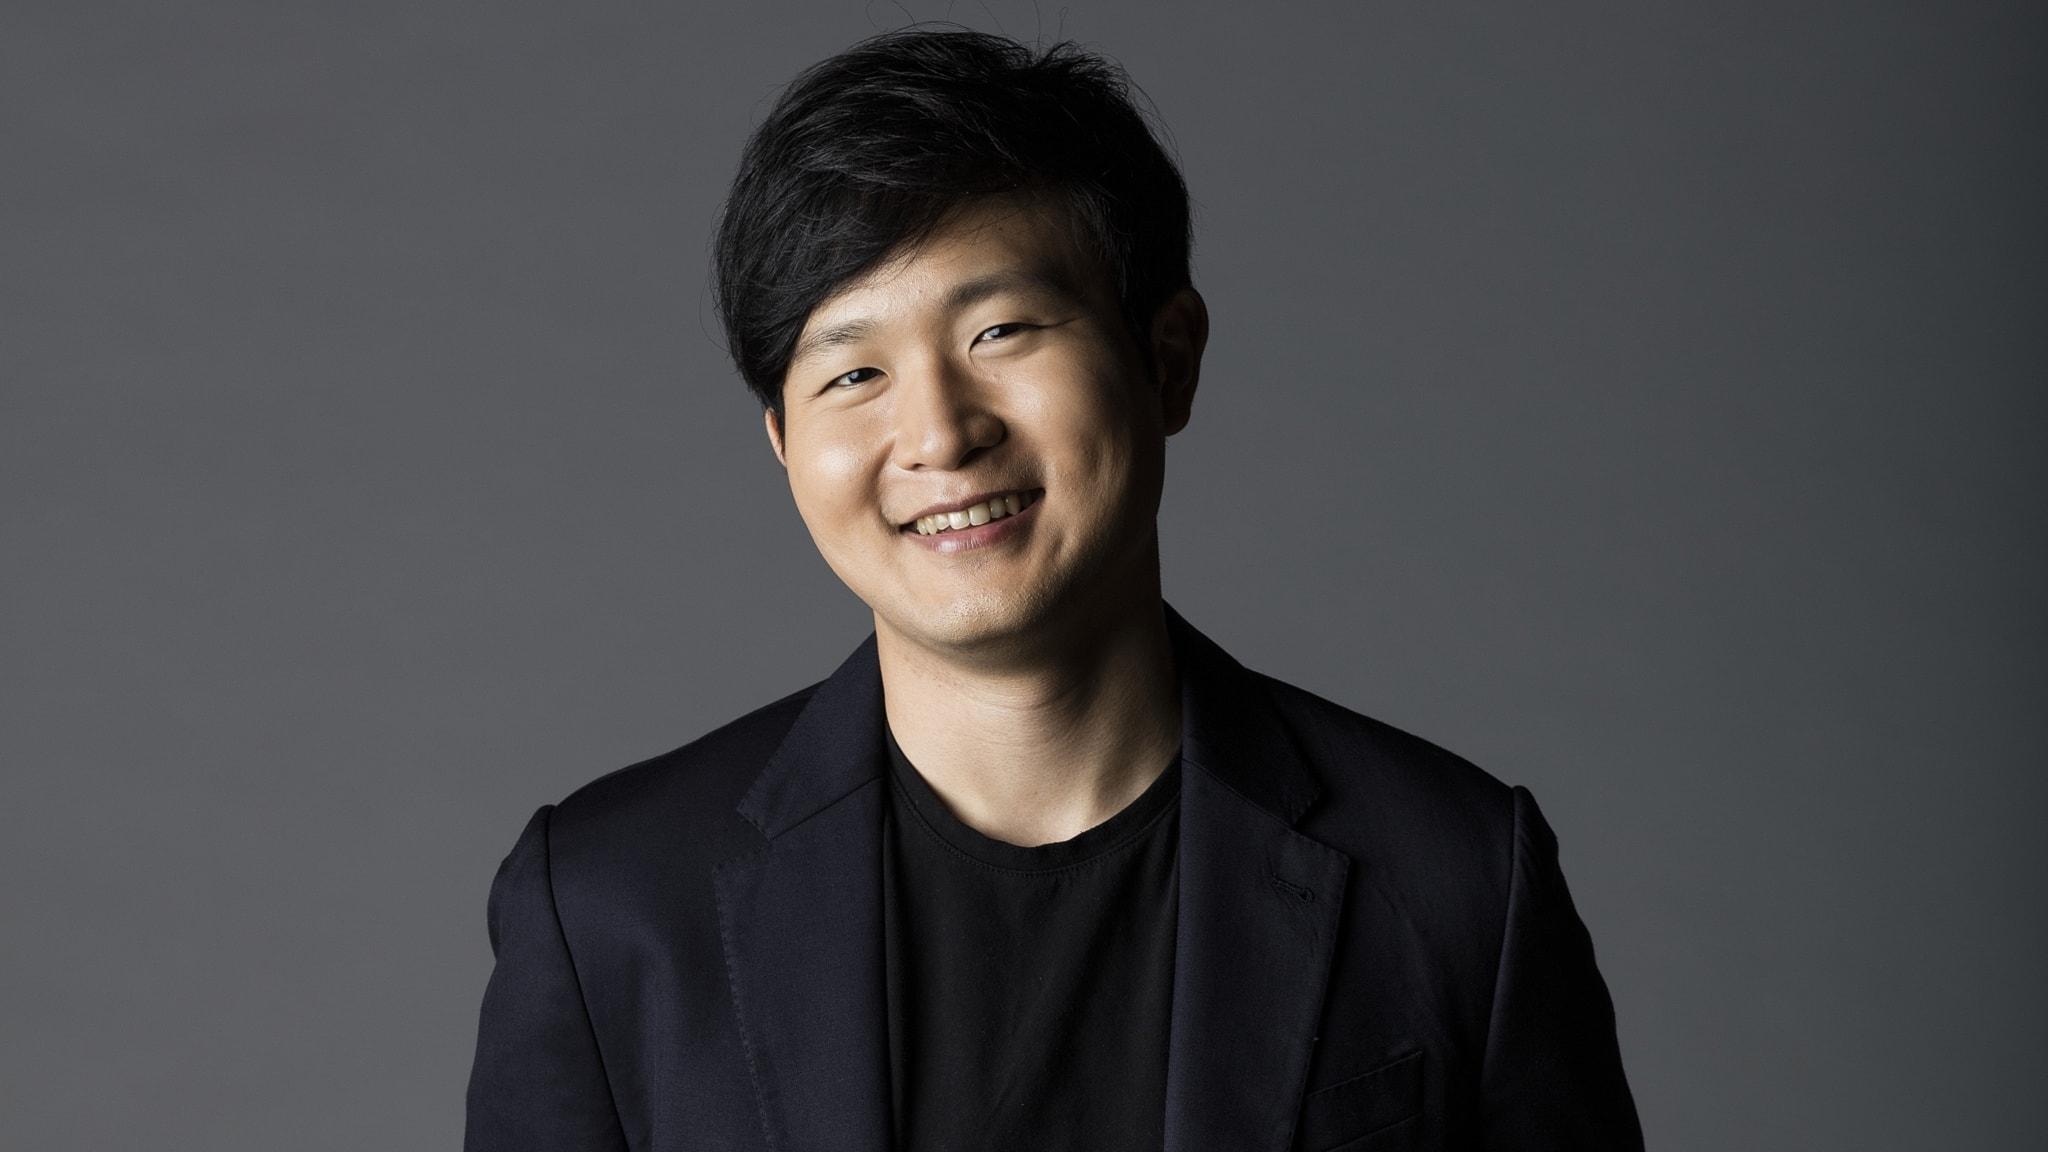 KONSERT: Sydkoreanska pianisten Yekwon Sunwoo